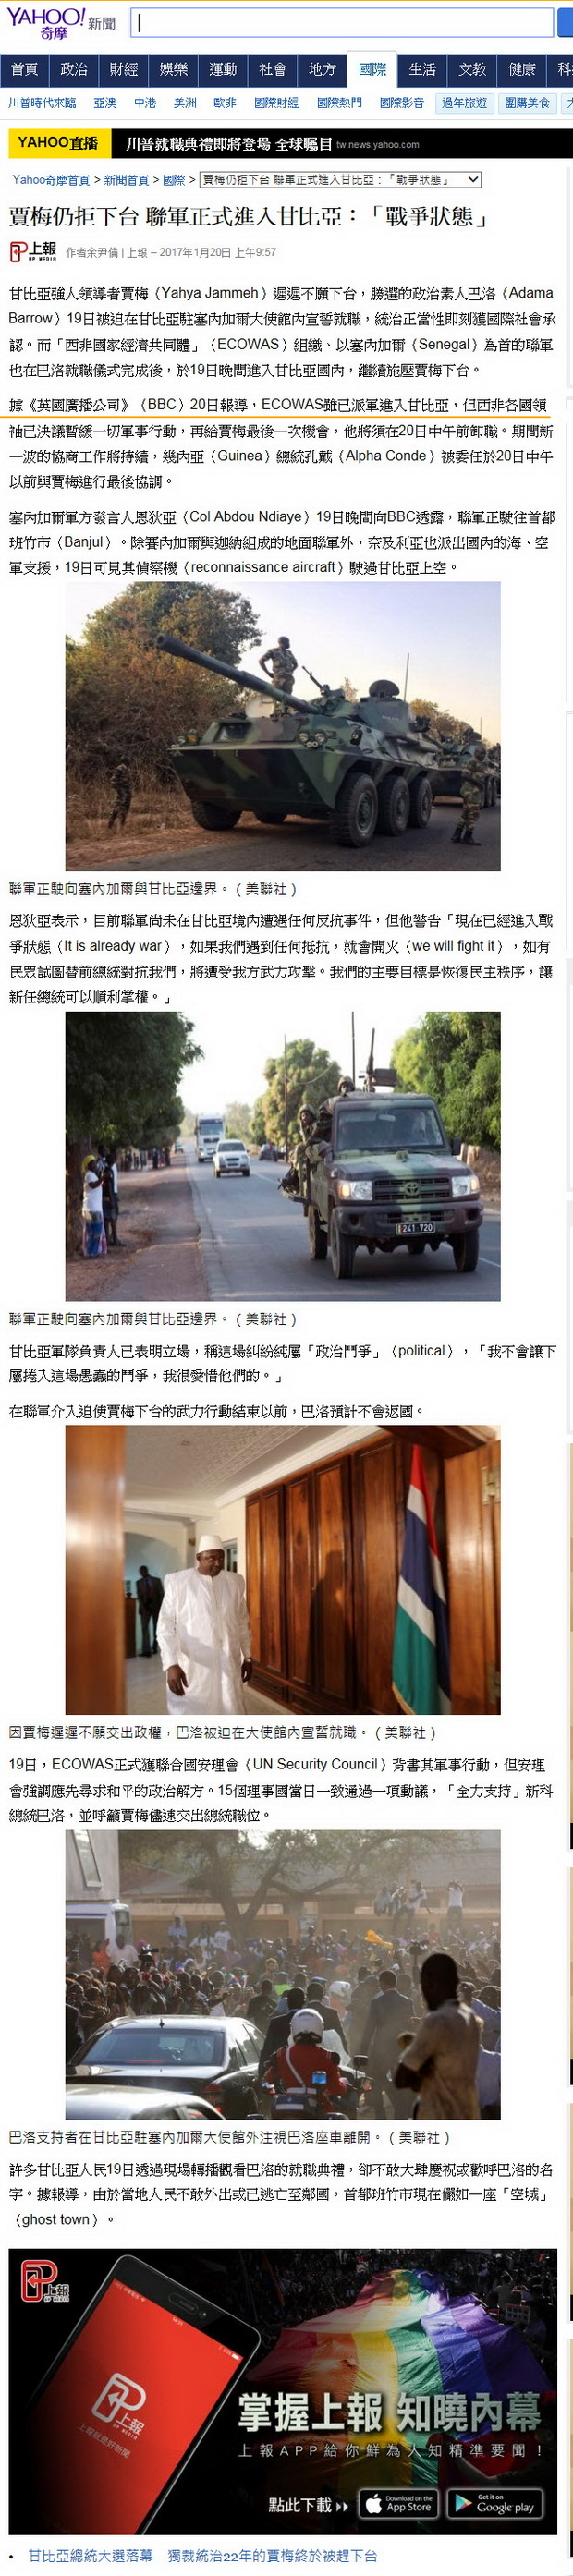 賈梅仍拒下台 聯軍正式進入甘比亞:「戰爭狀態」-2017.01.20.jpg